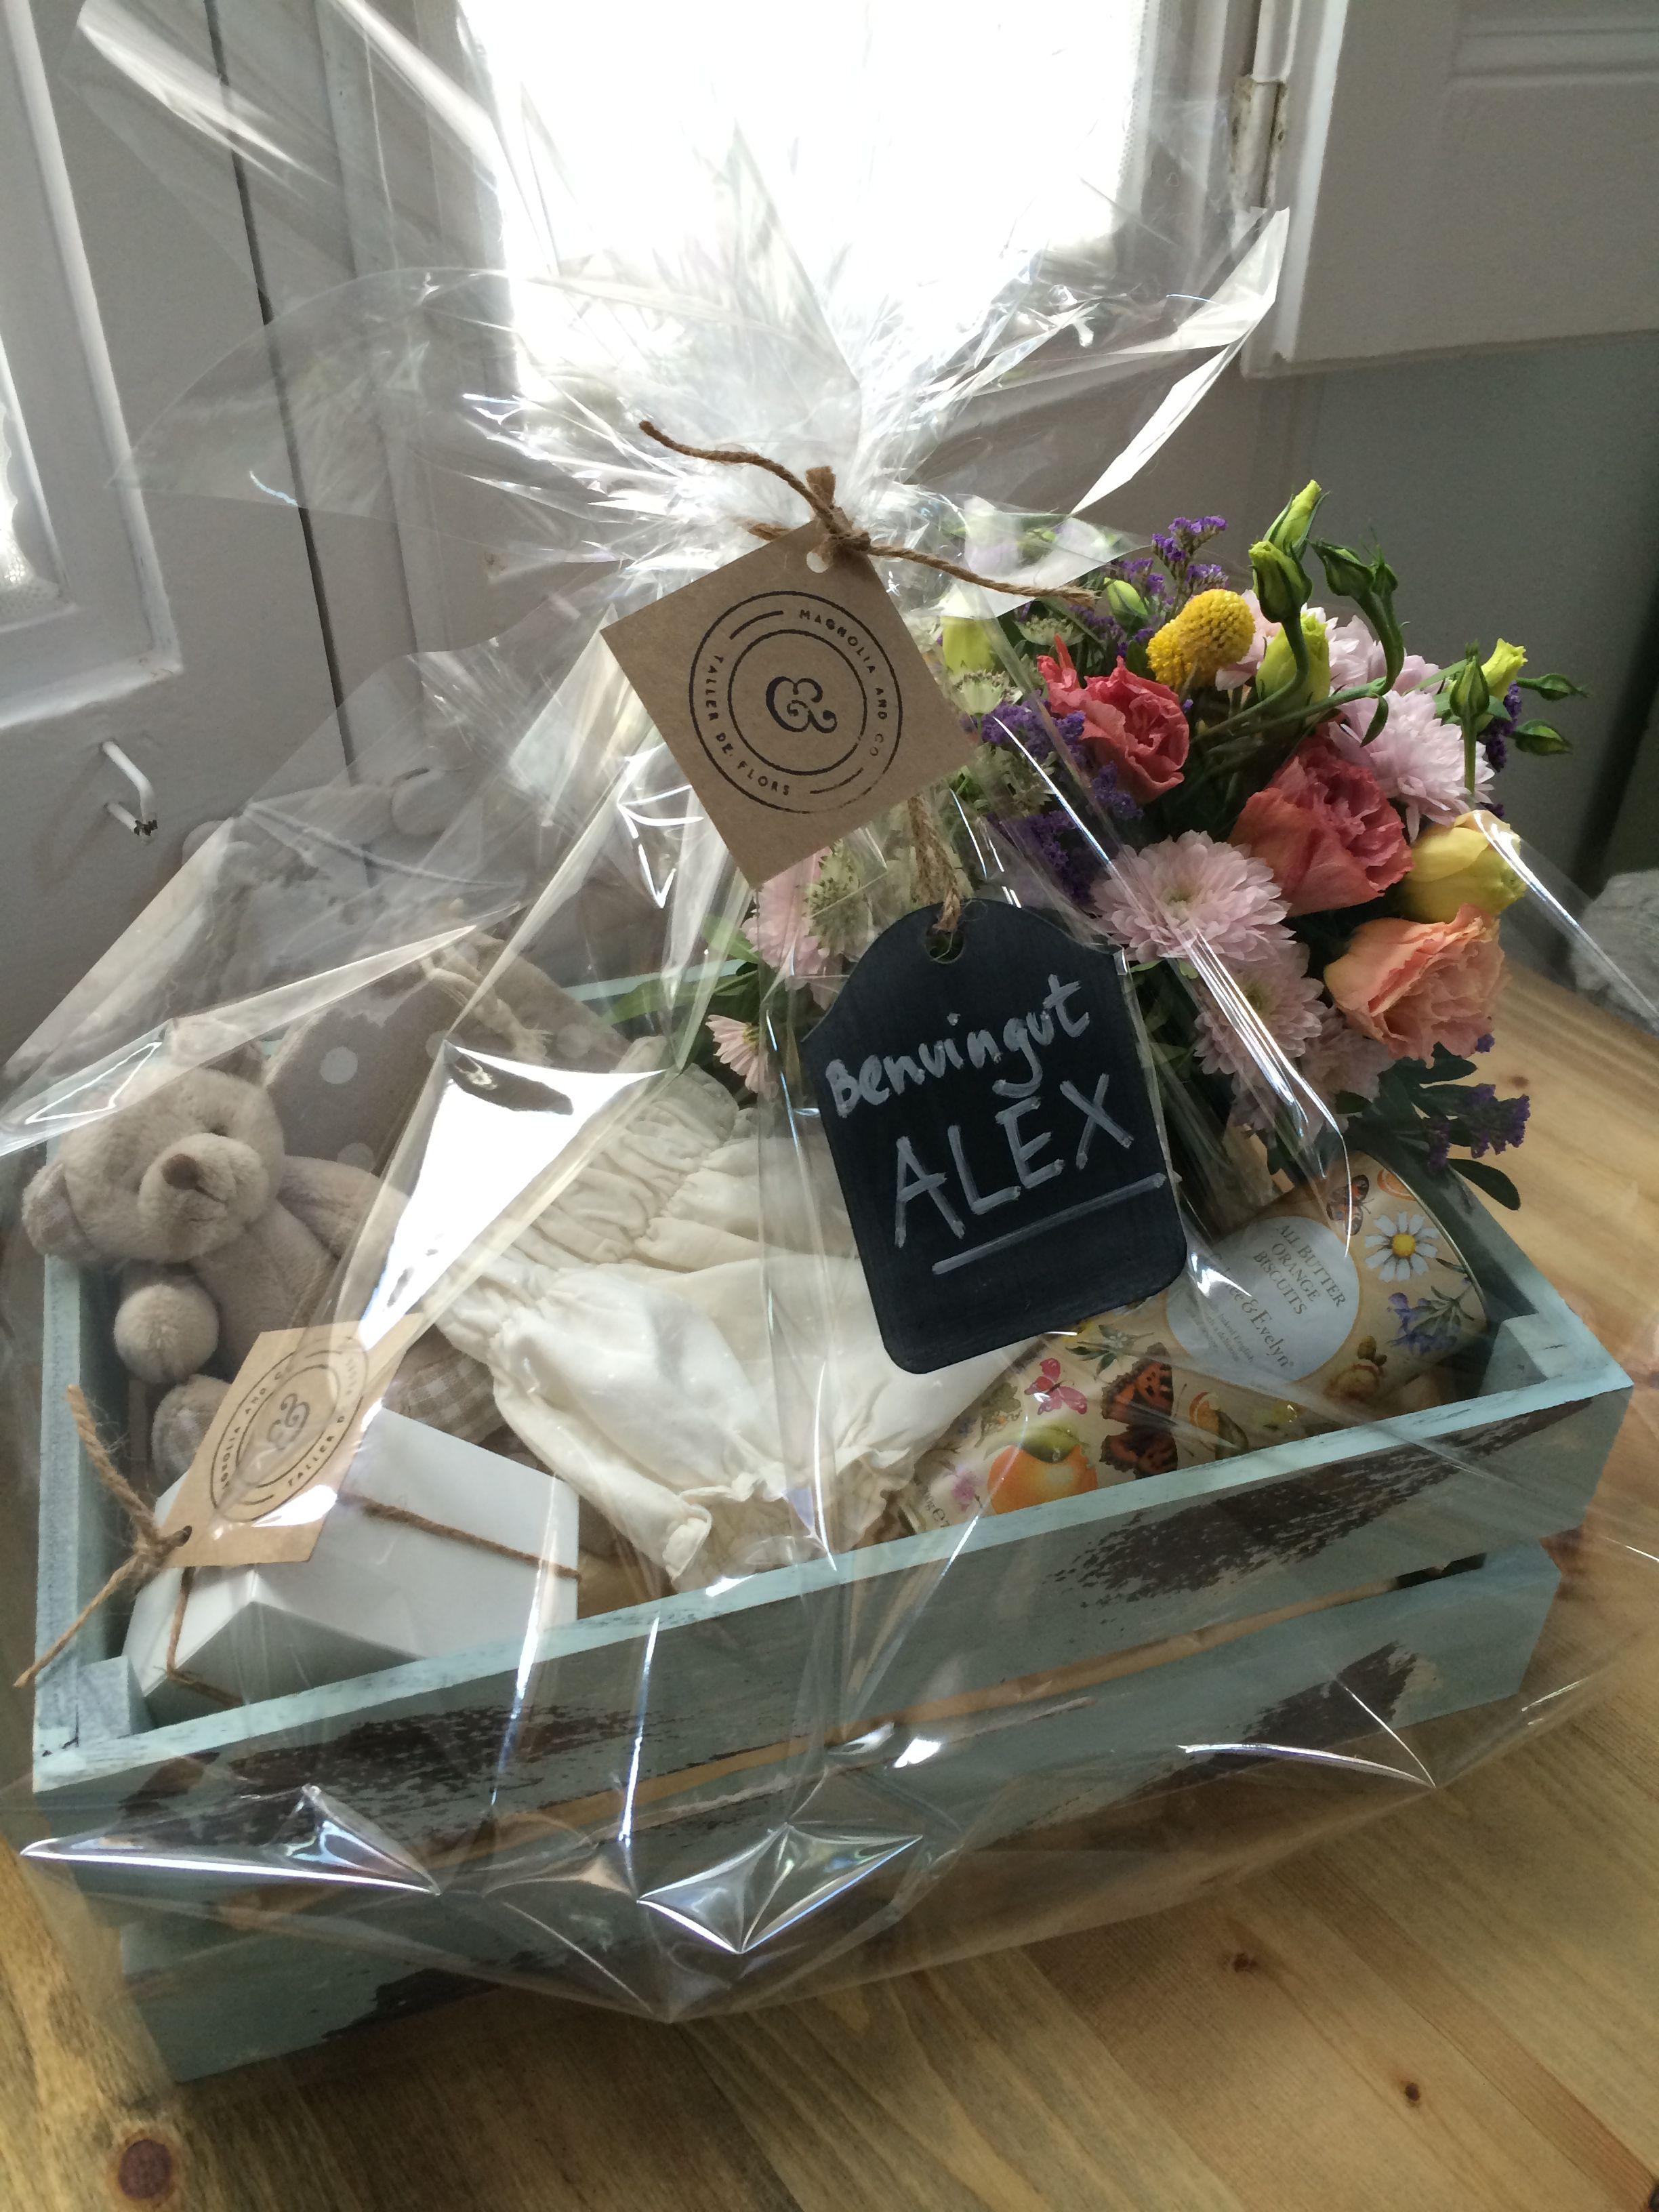 Caja con regalos para reci n nacido de magnolia and co for Cosas para regalar en una boda